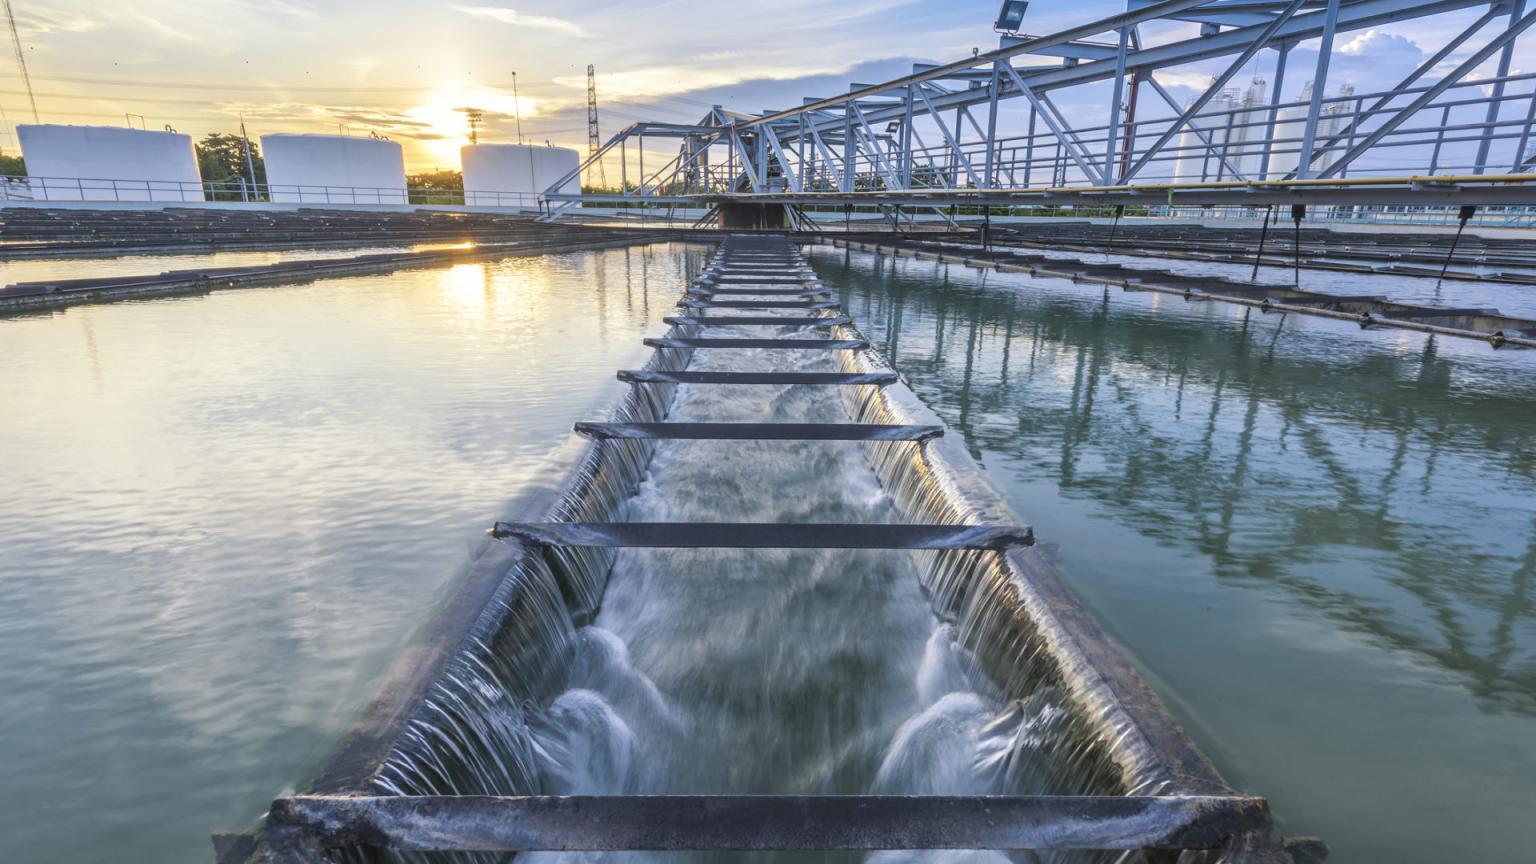 Baltalimanı Biyolojik Atıksu Arıtma Tesisi Elektrik ve Otomasyon İşleri Anahtar Teslimi Çözümü İçin Sözleşme İmzalanmıştır.